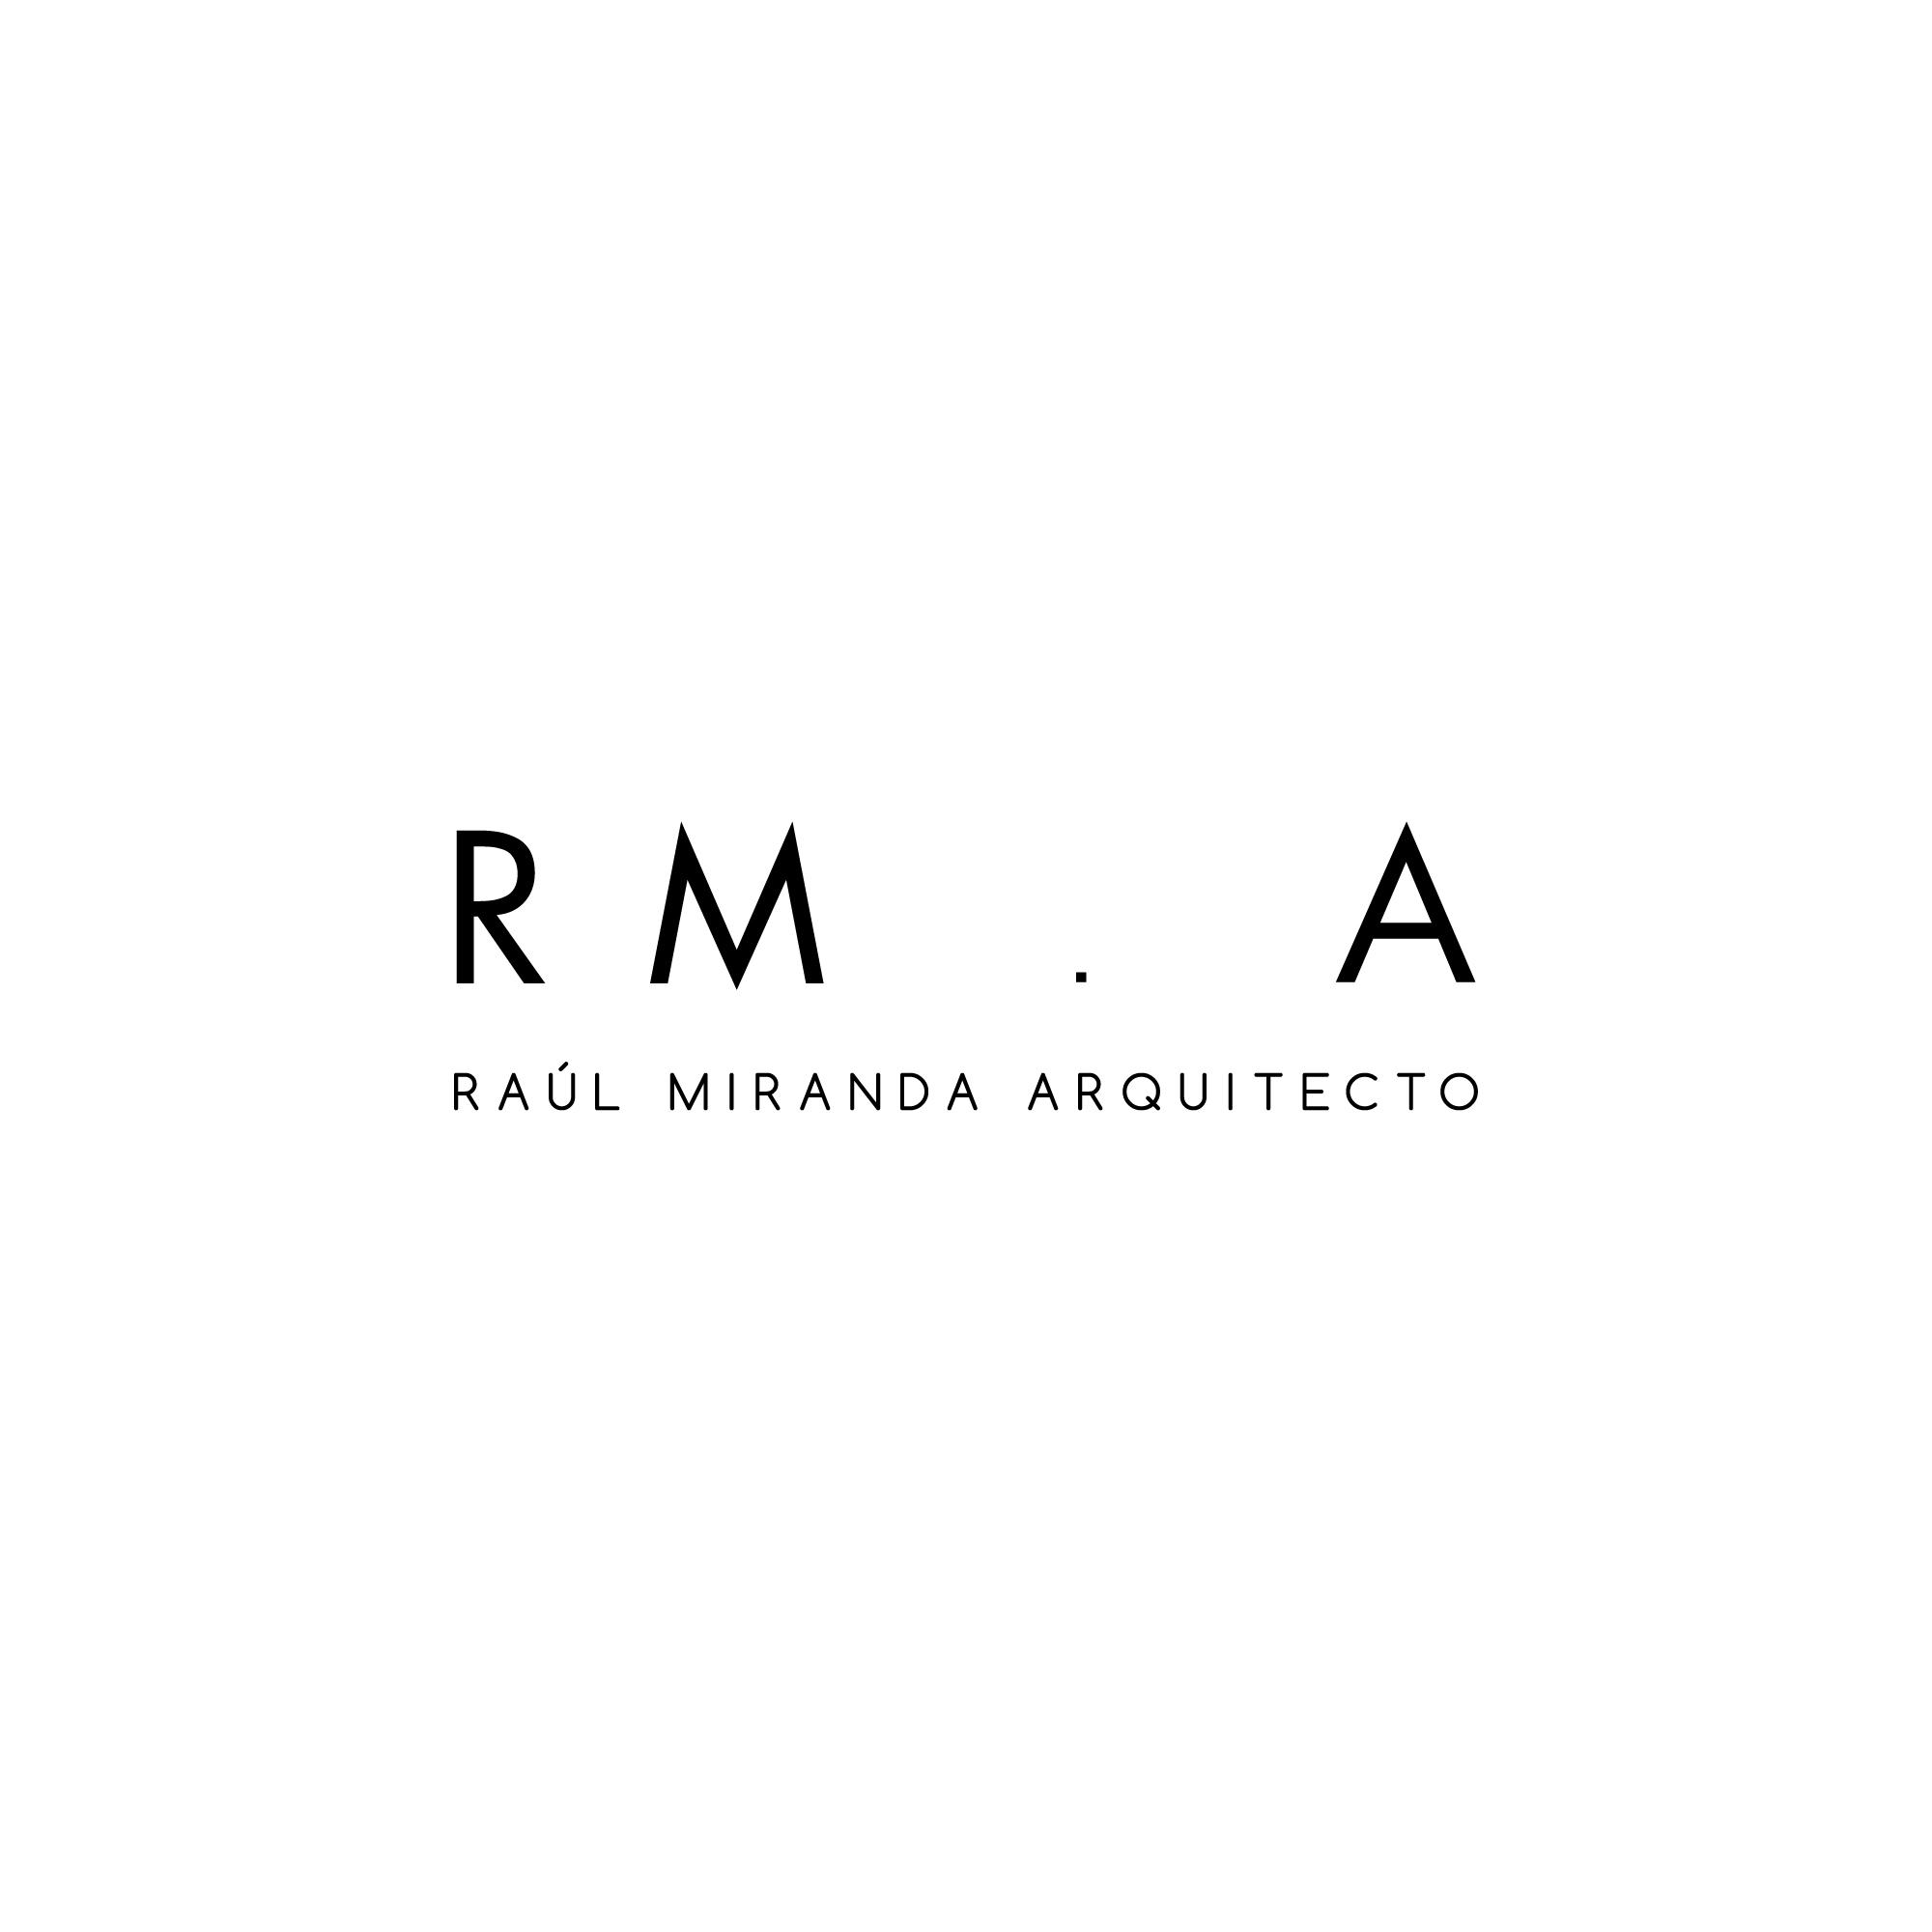 Raúl Miranda Arquitecto